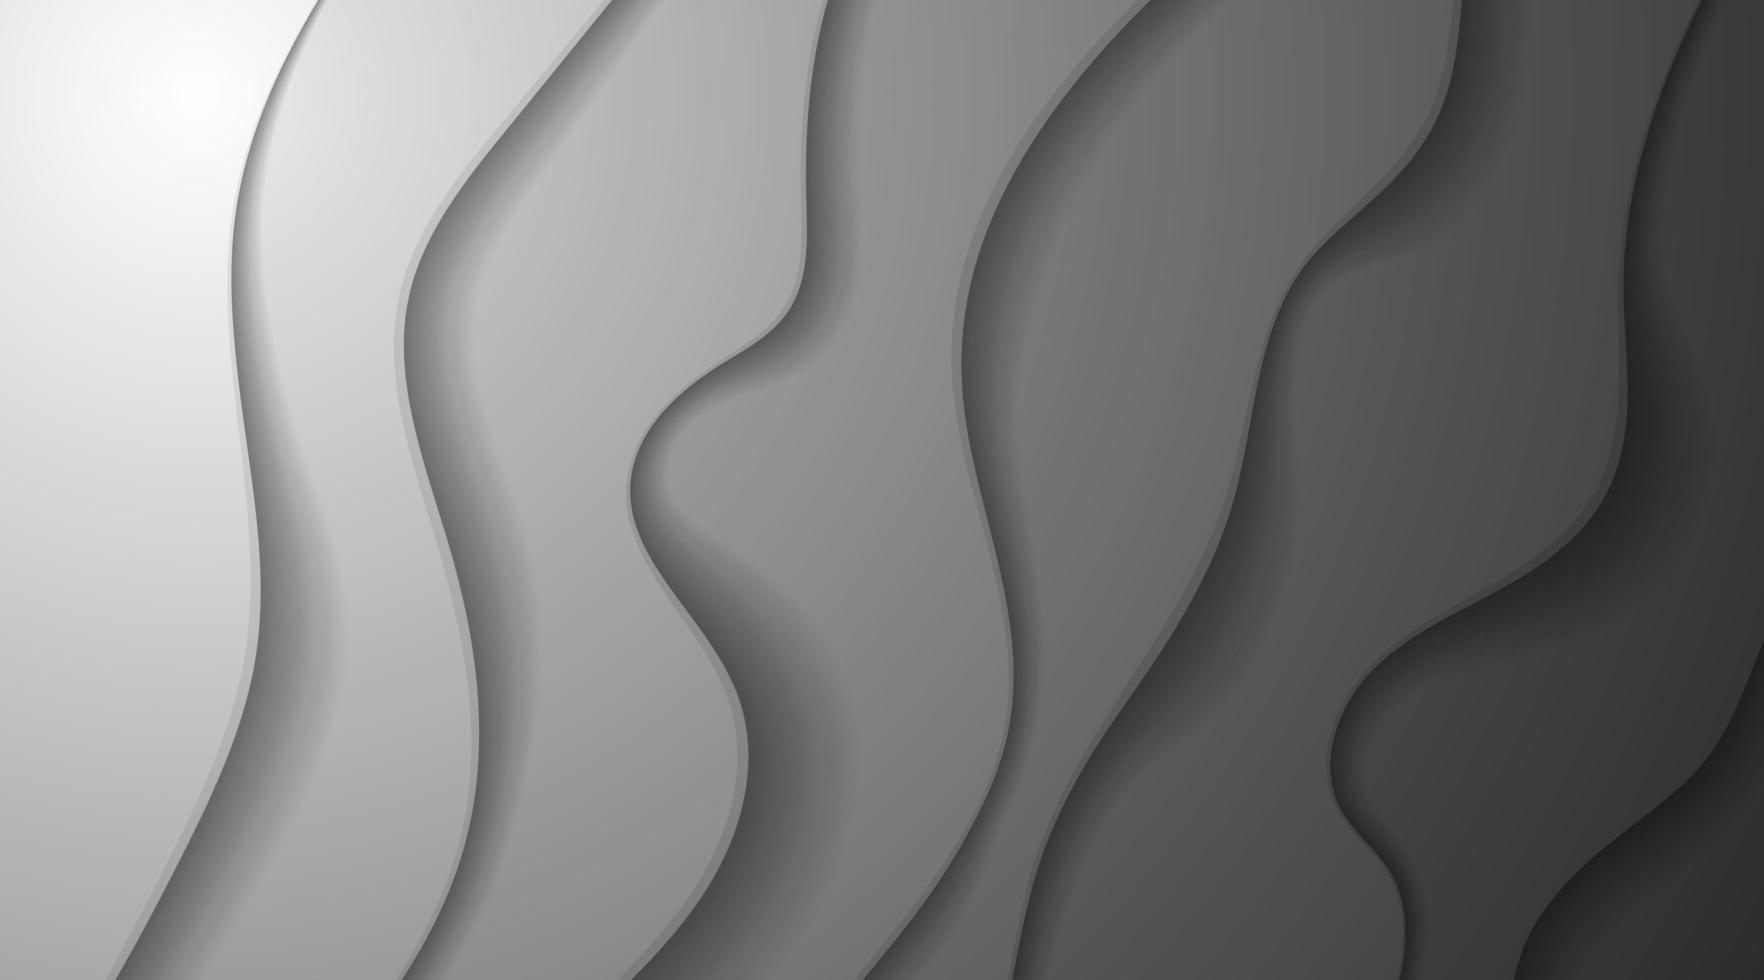 grauer Hintergrund der abstrakten Farbverlaufsüberlappungskurvenschicht vektor